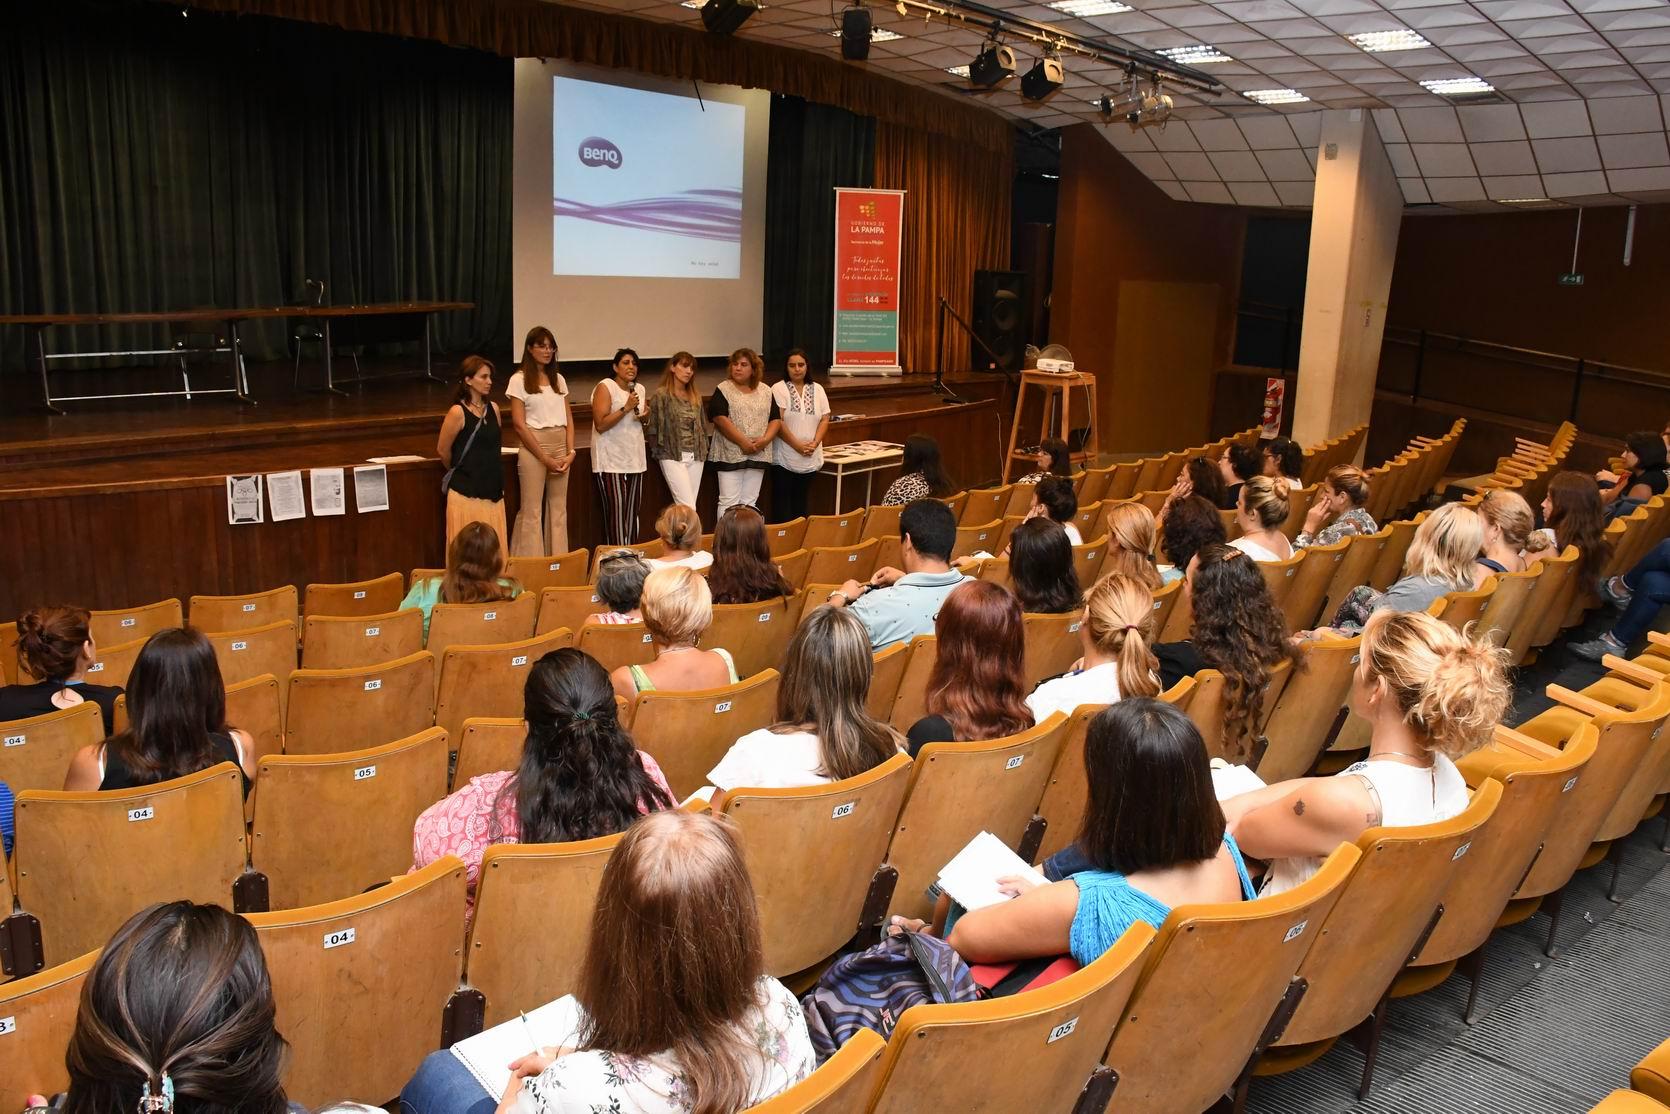 Se realizó una importante capacitación en género para acompañantes terapéuticos en La Pampa